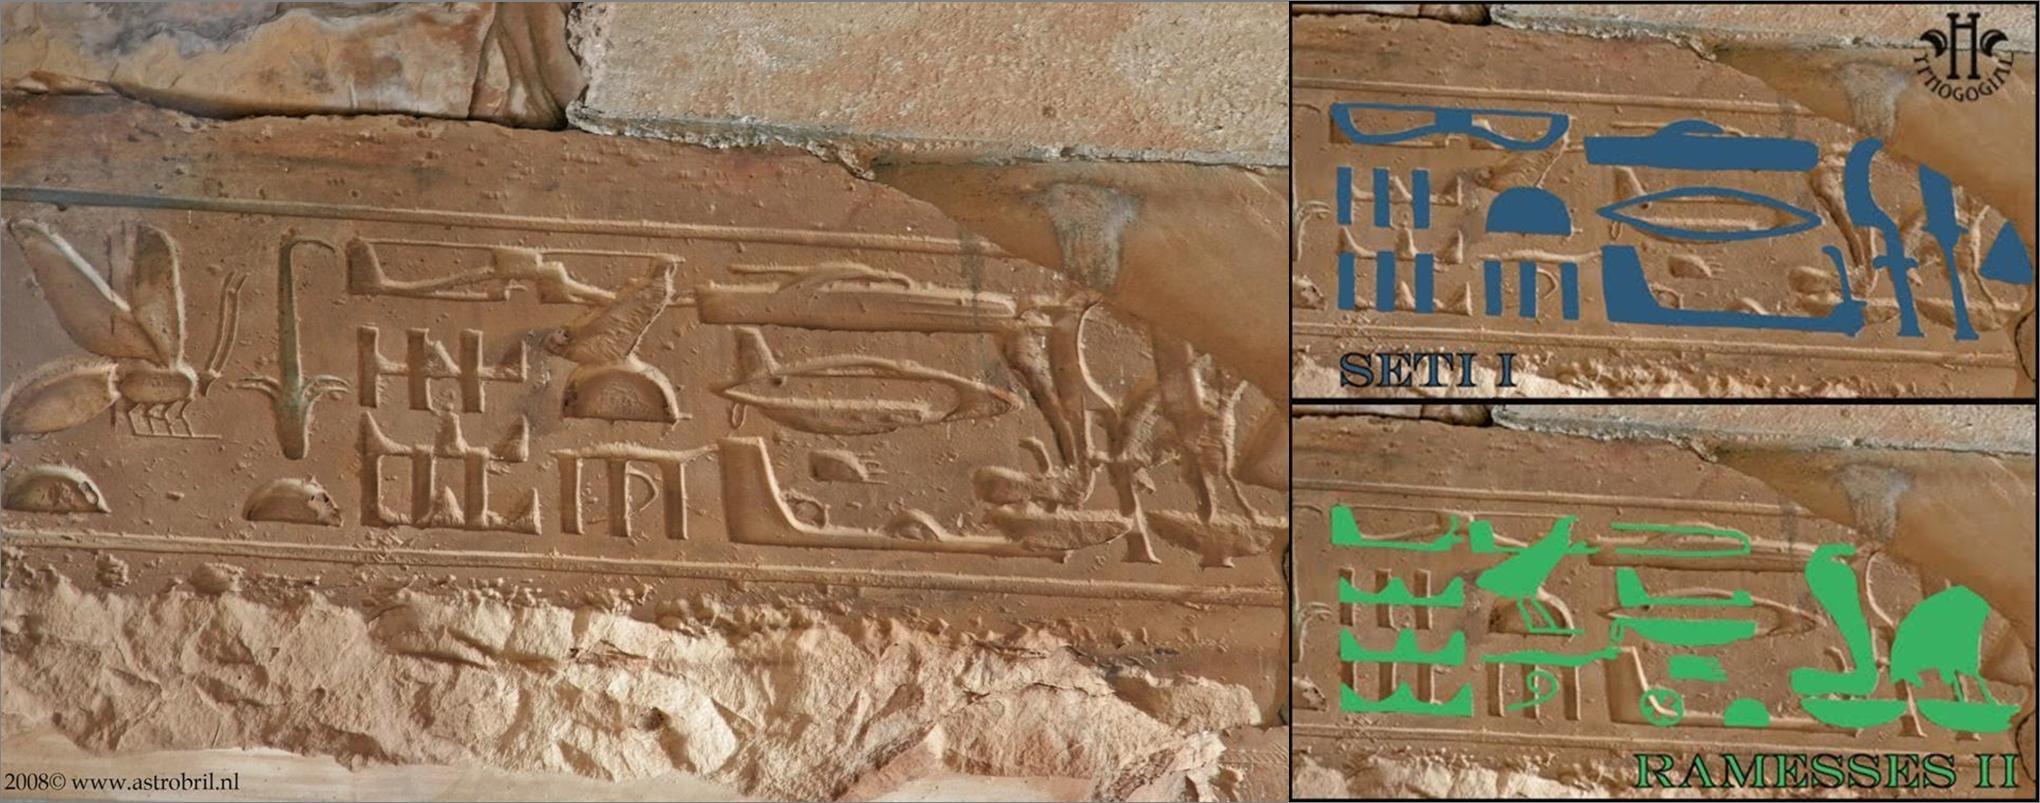 s c9787fe9aba4480ff572aed94d760f2d999eb27e Eski Mısır ve Günlük Yaşamı Nasıldı?